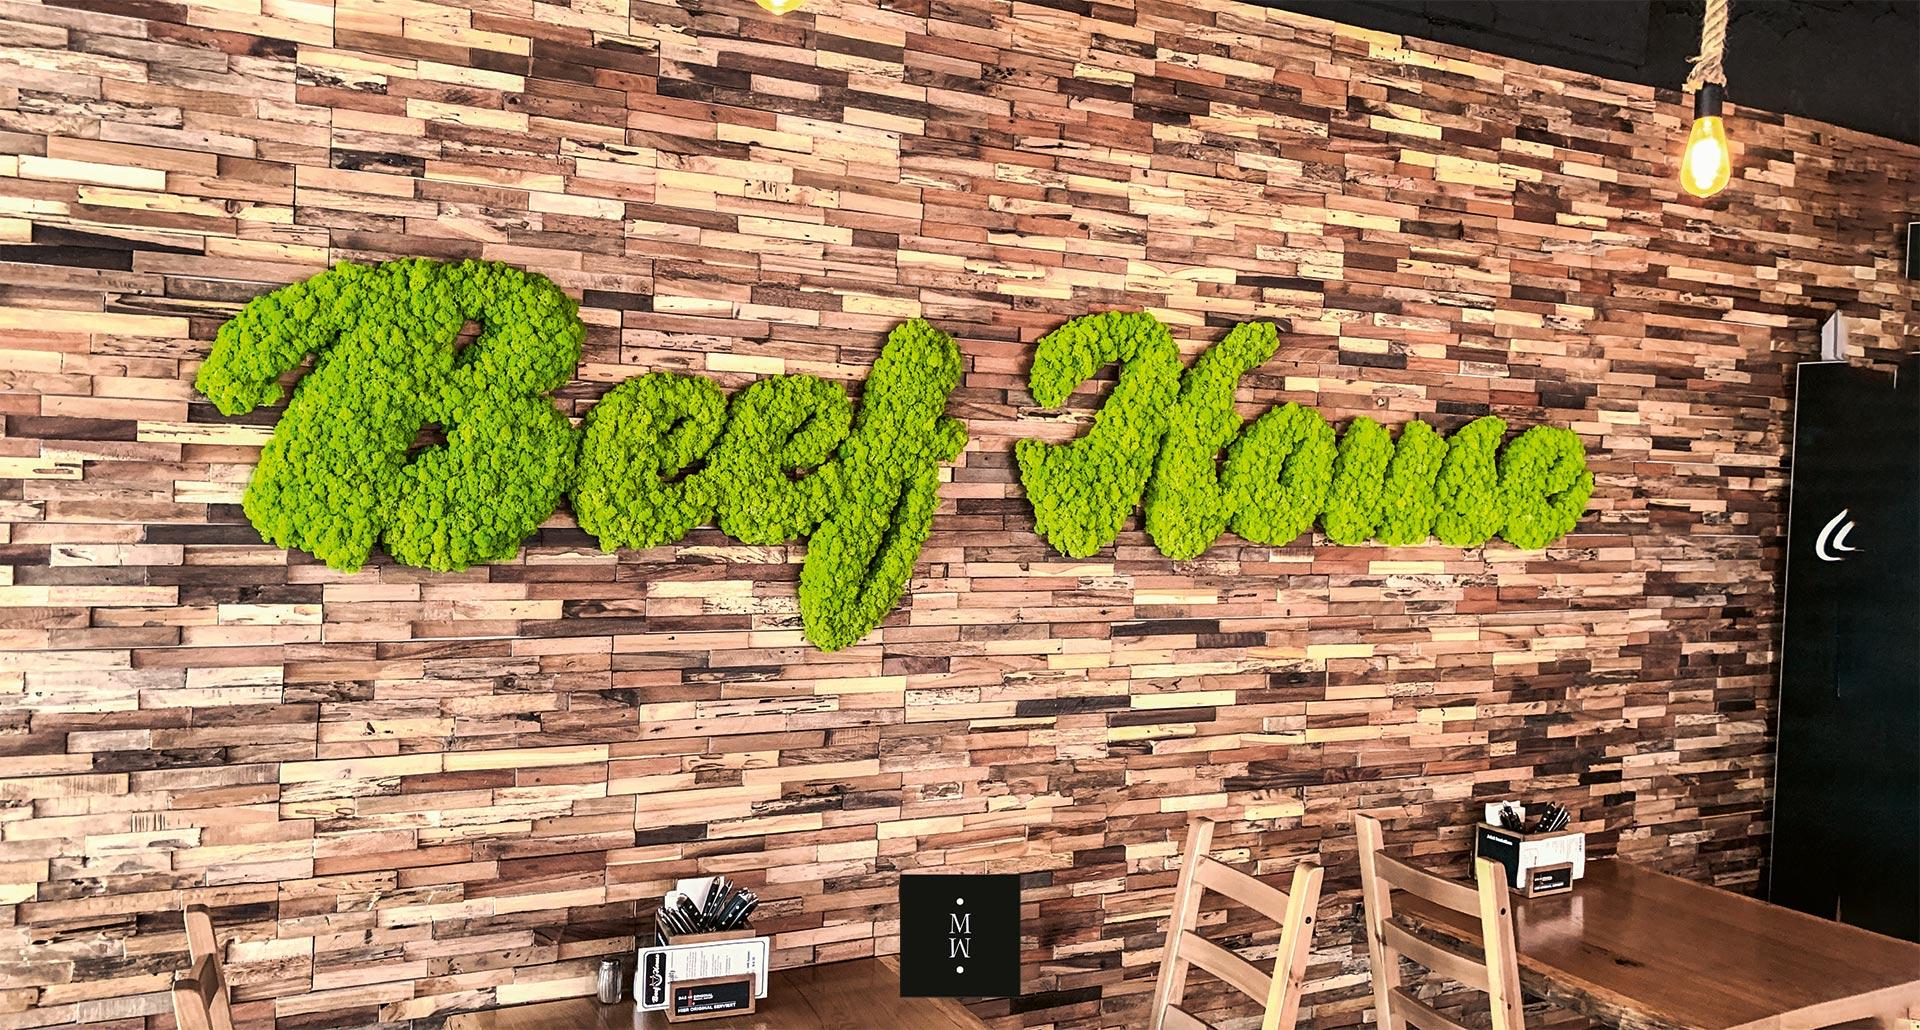 Logo des Restaurants Beef House aus apfelgrünem Isalndmoos an eienr Ziegelwand